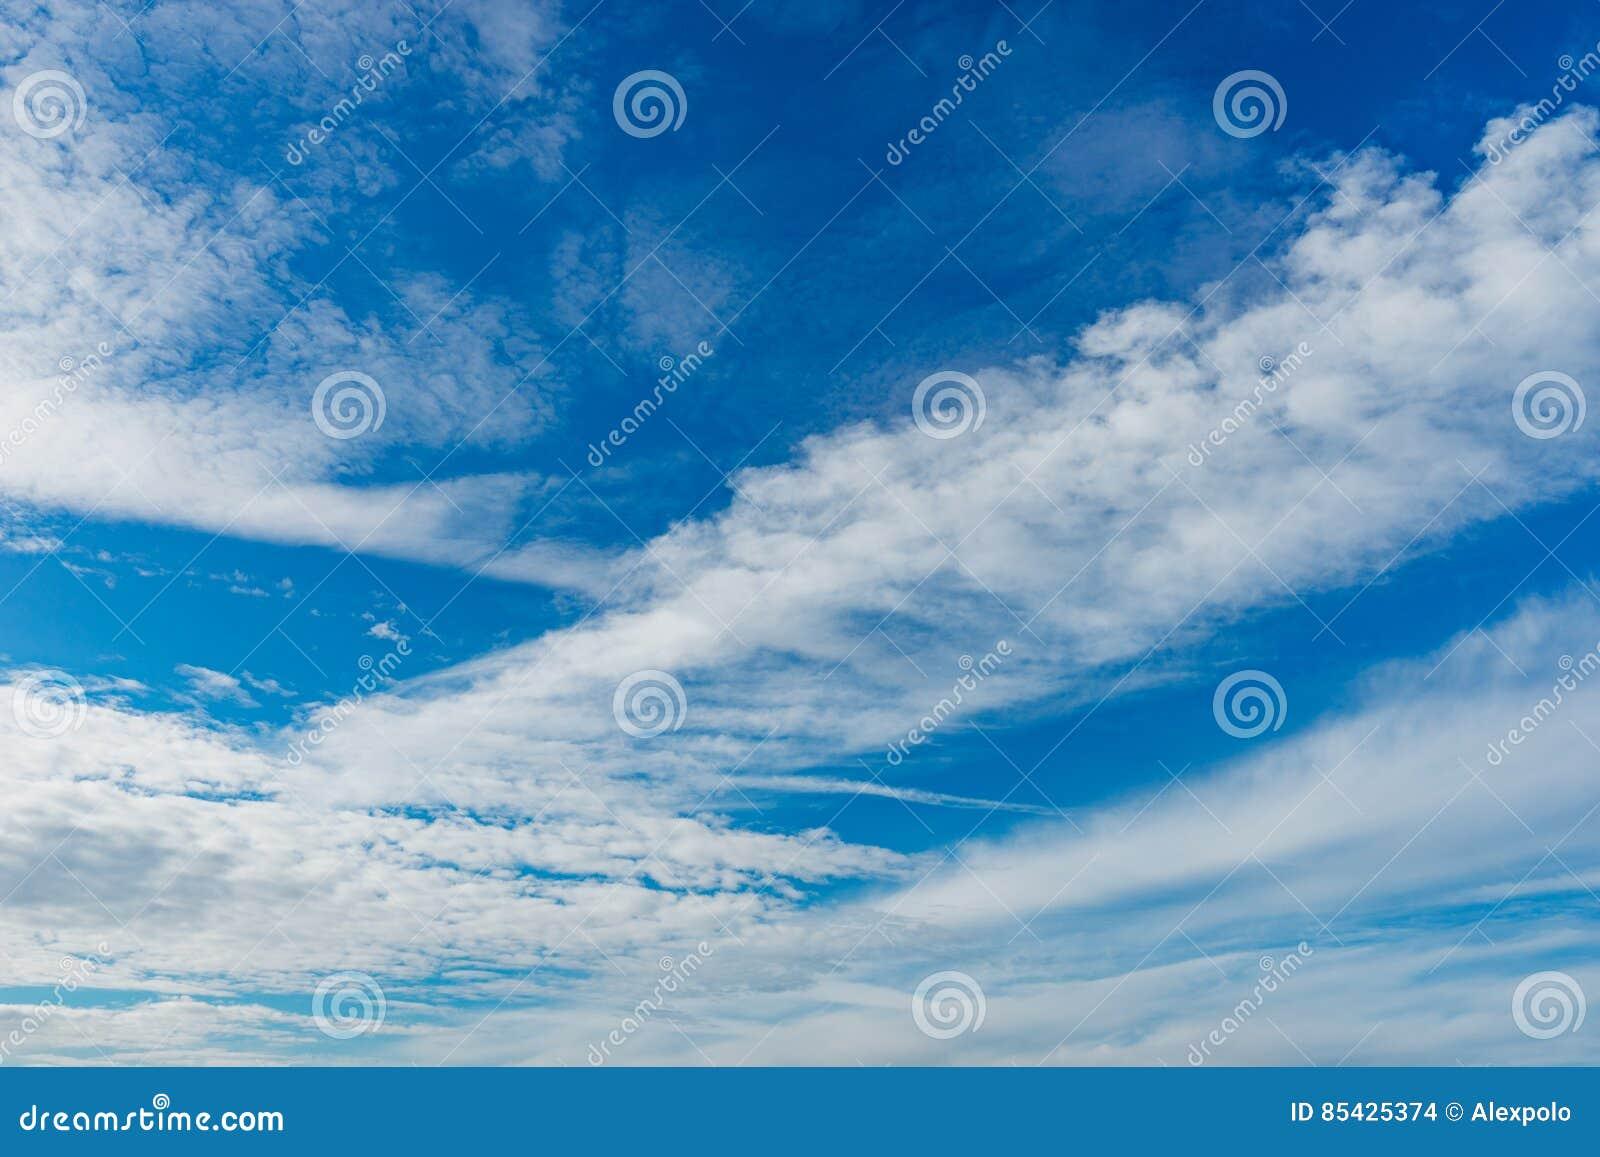 Nubes de altocumulus maravillosas en el cielo azul